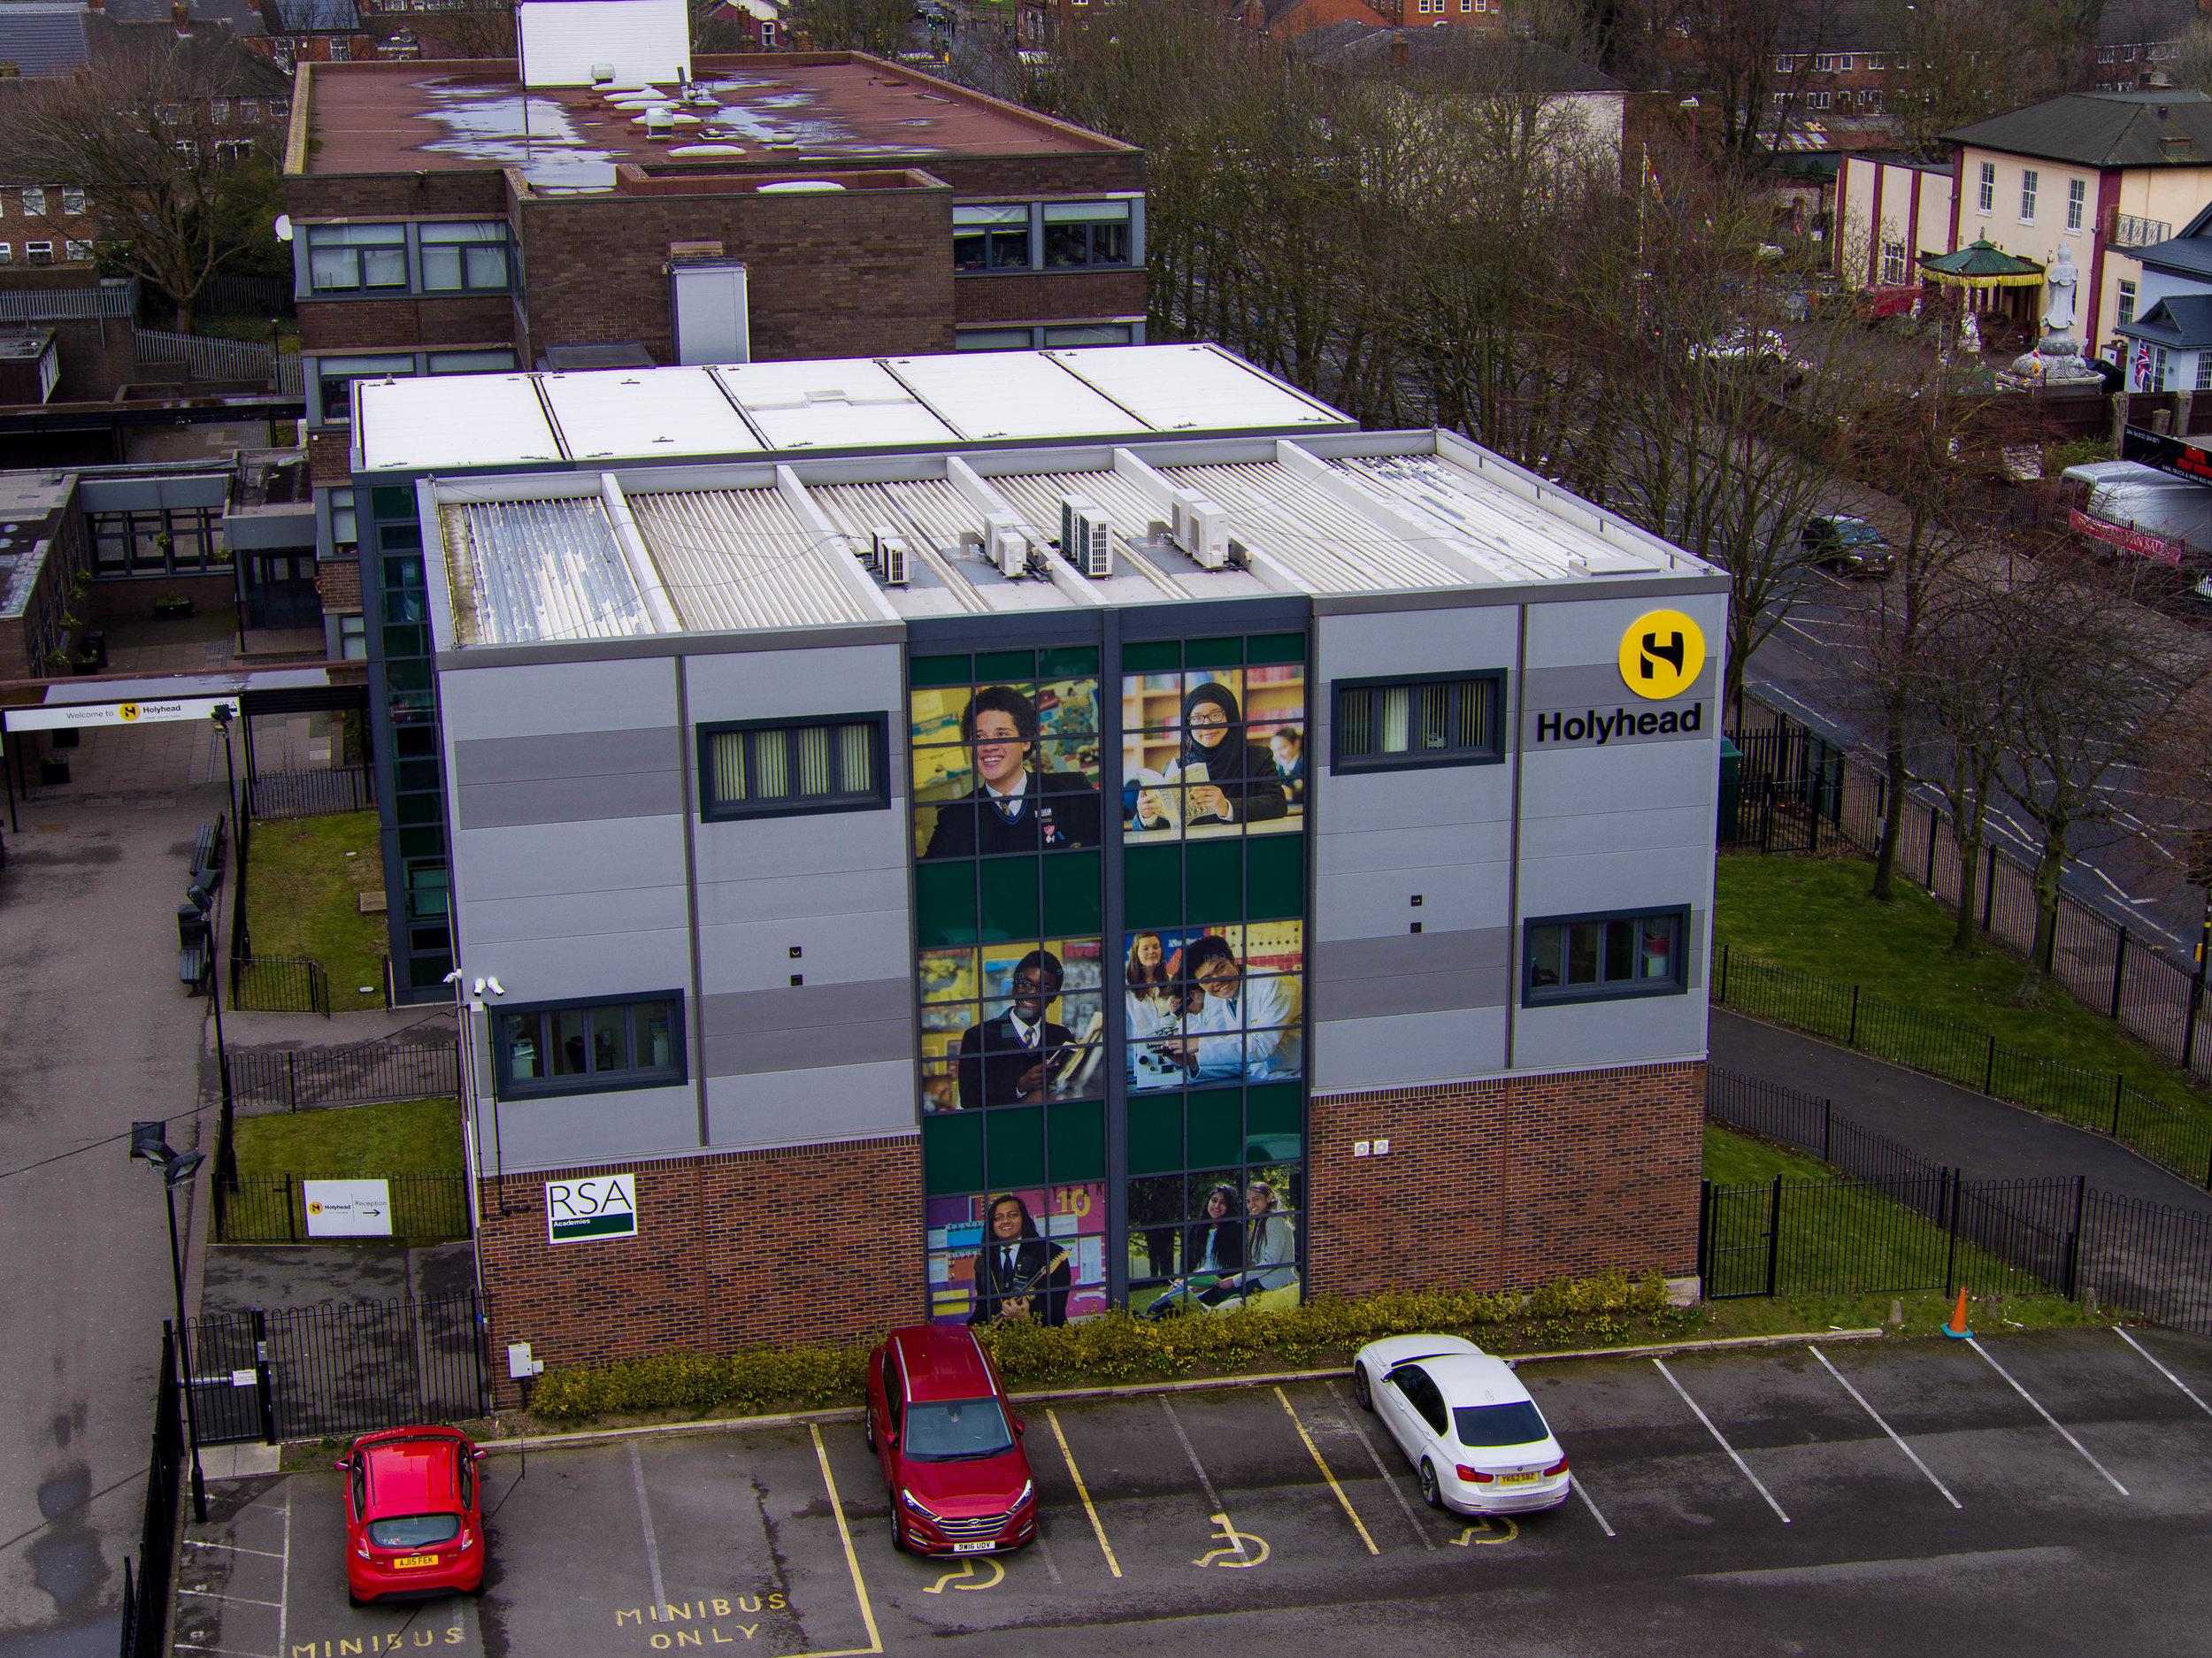 Holyhead School